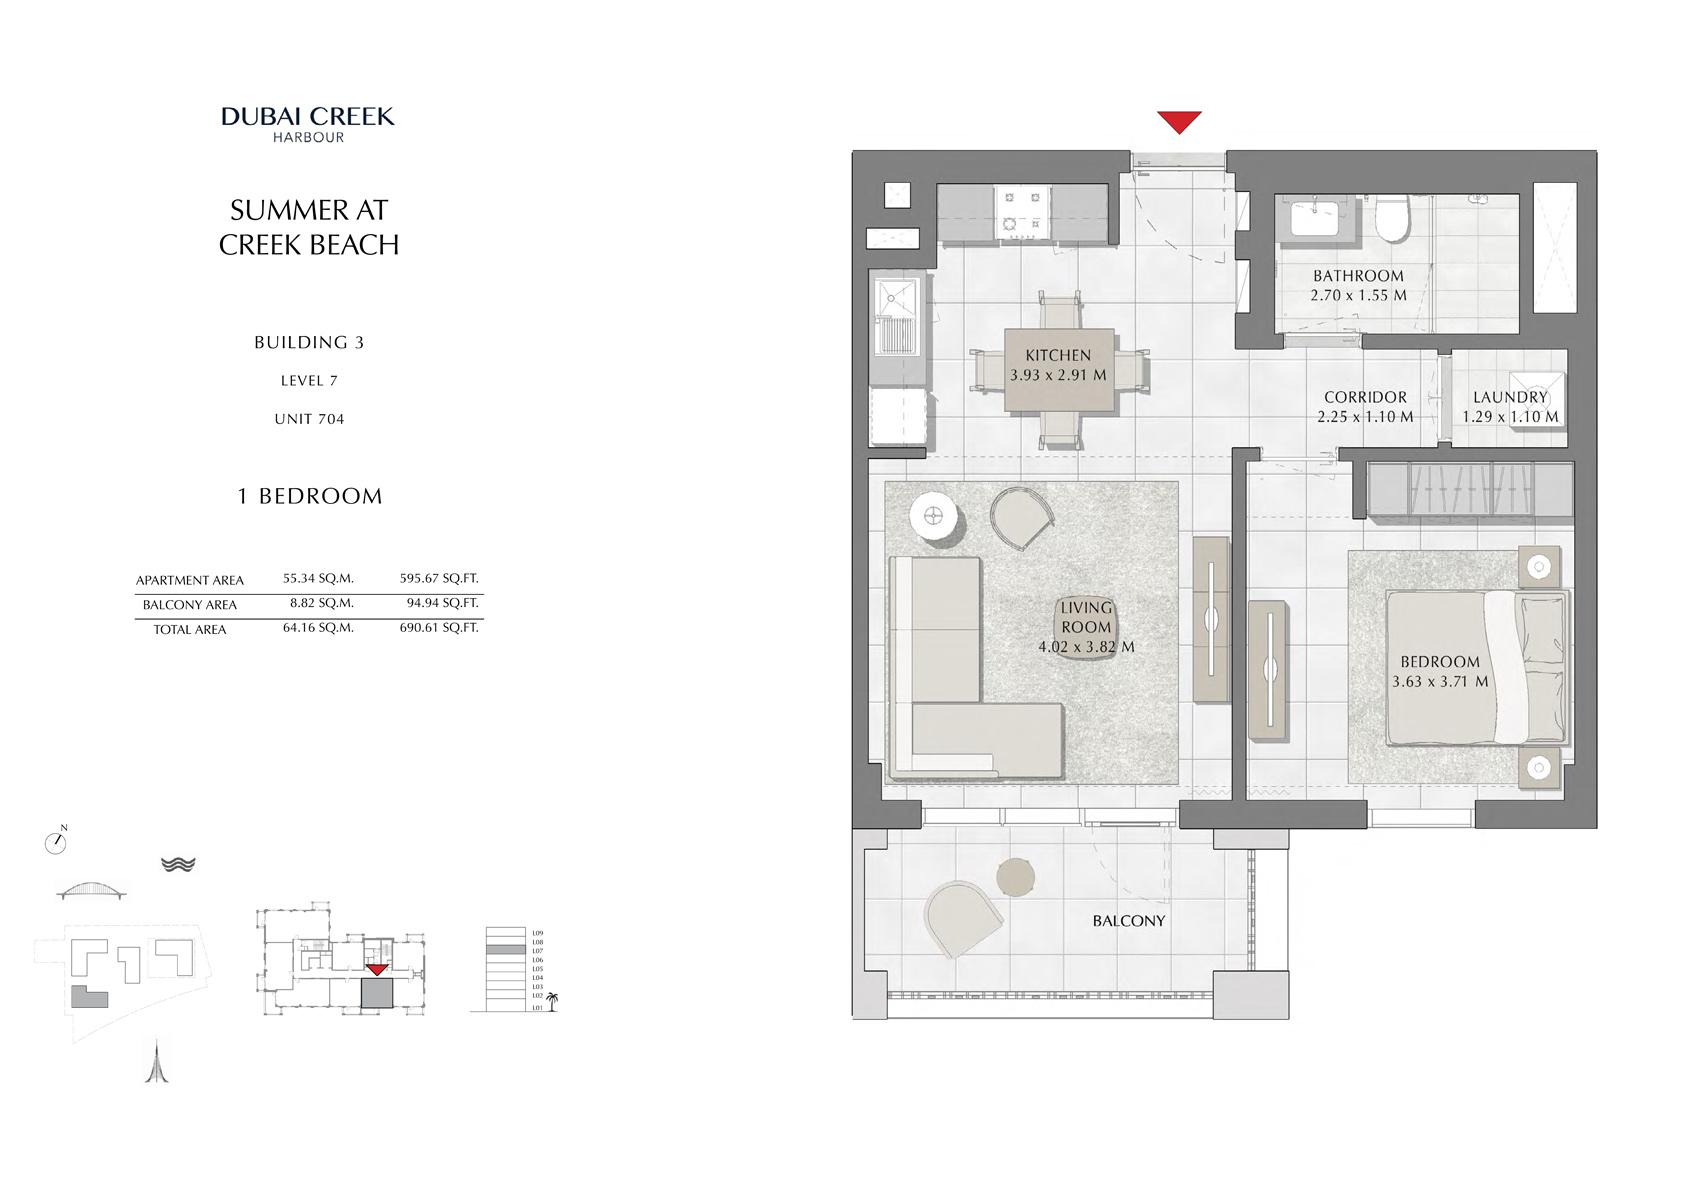 1 Br Building 3 Level 7 Unit 704, Size 690 Sq Ft